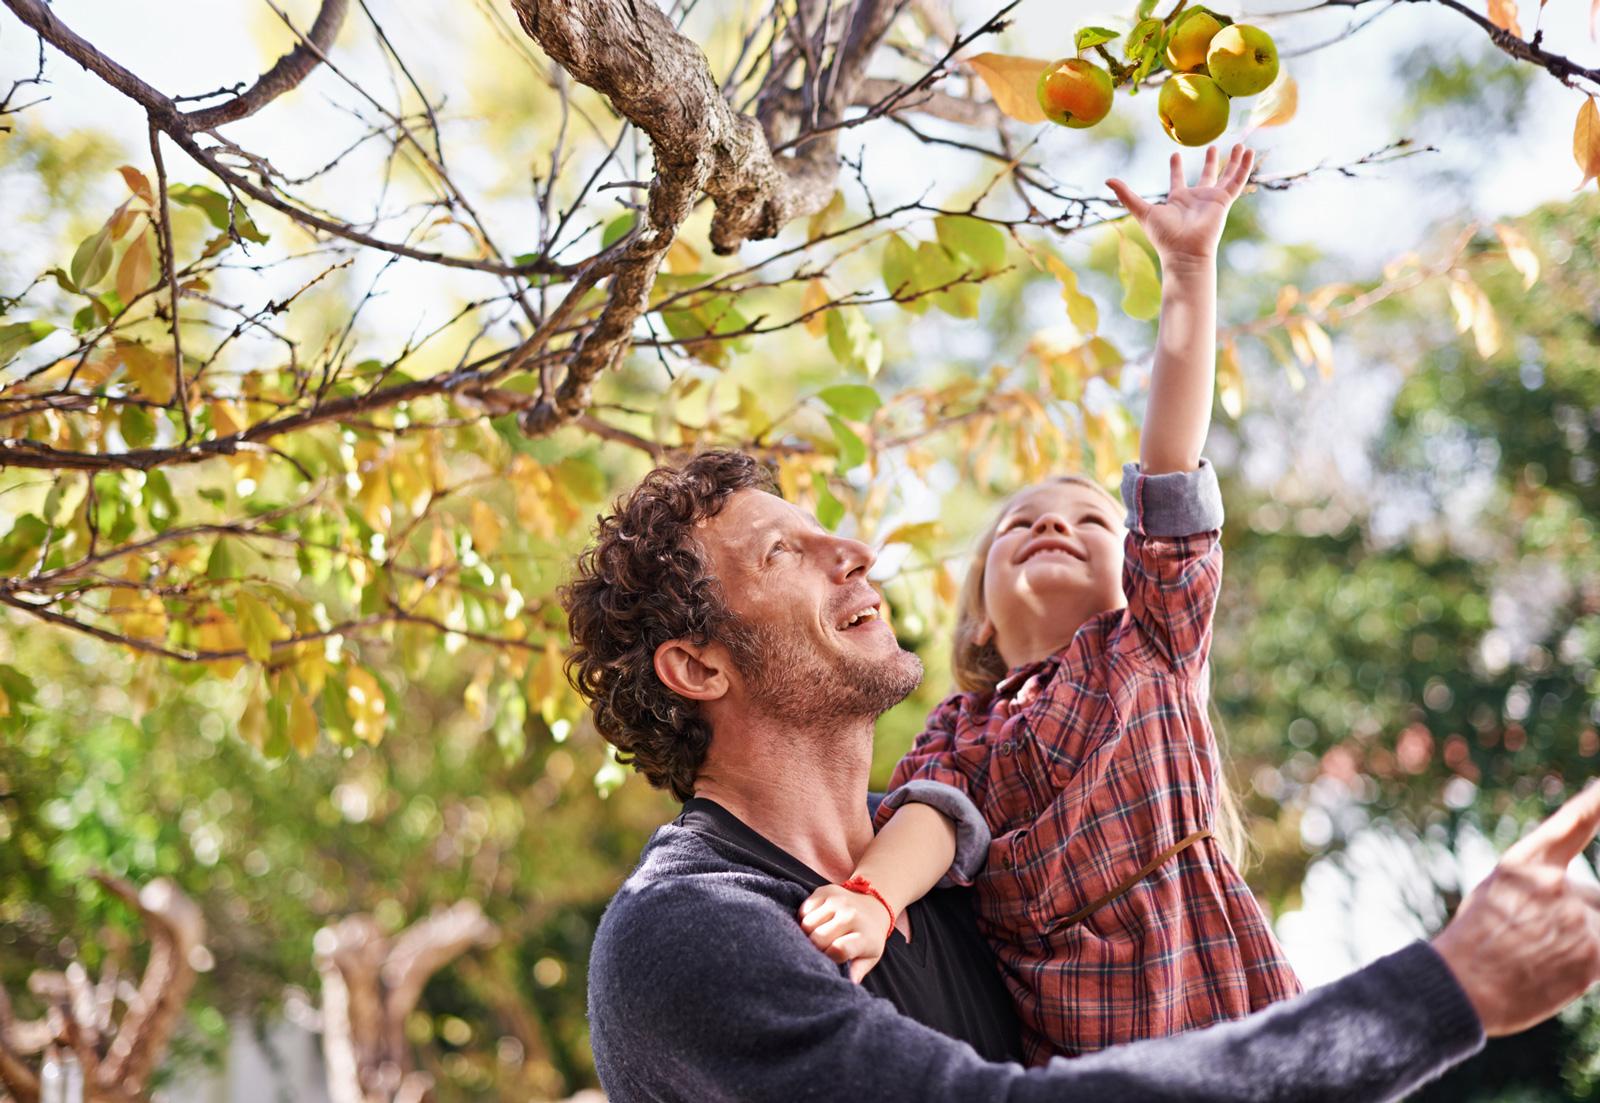 Ernte im Garten: Äpfelpflücken macht auch Kindern Spaß. Ein fester Halt ist beim Nachwuchs besonders wichtig.